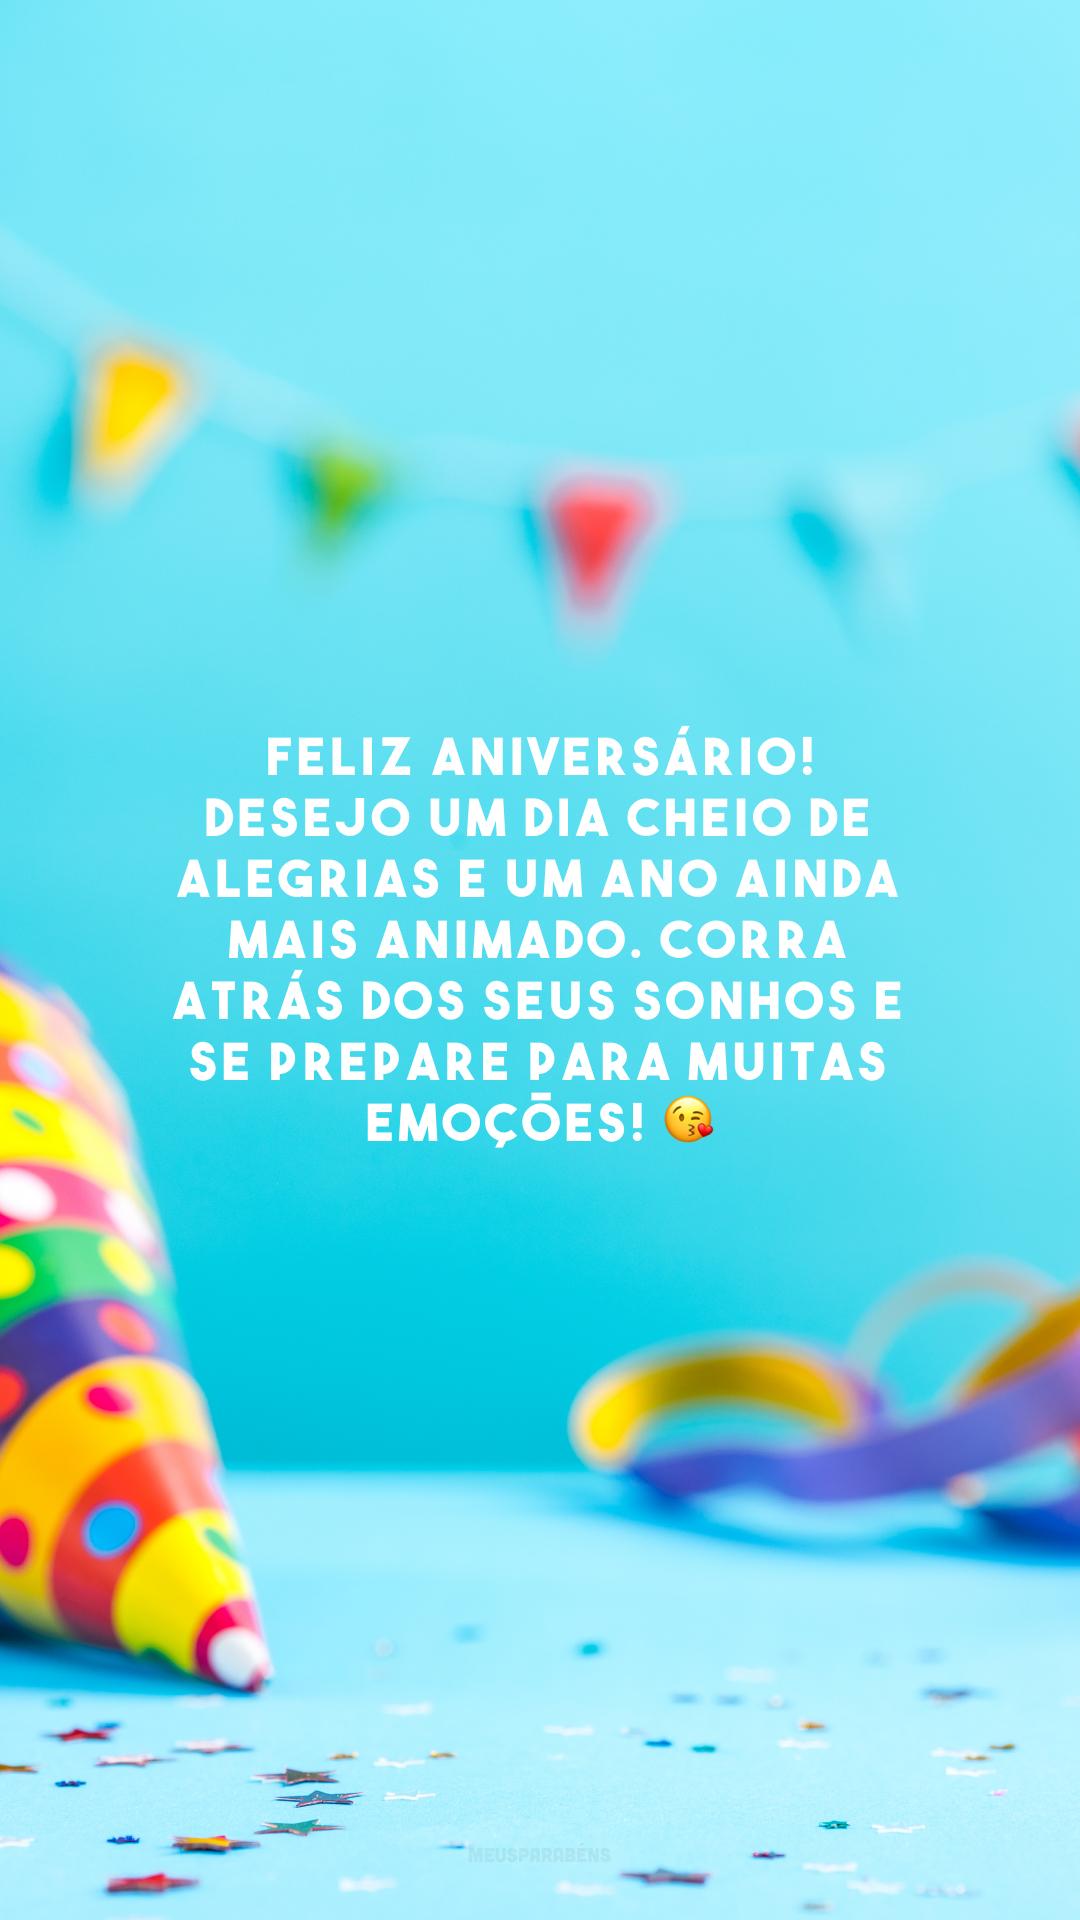 Feliz aniversário! Desejo um dia cheio de alegrias e um ano ainda mais animado. Corra atrás dos seus sonhos e se prepare para muitas emoções!